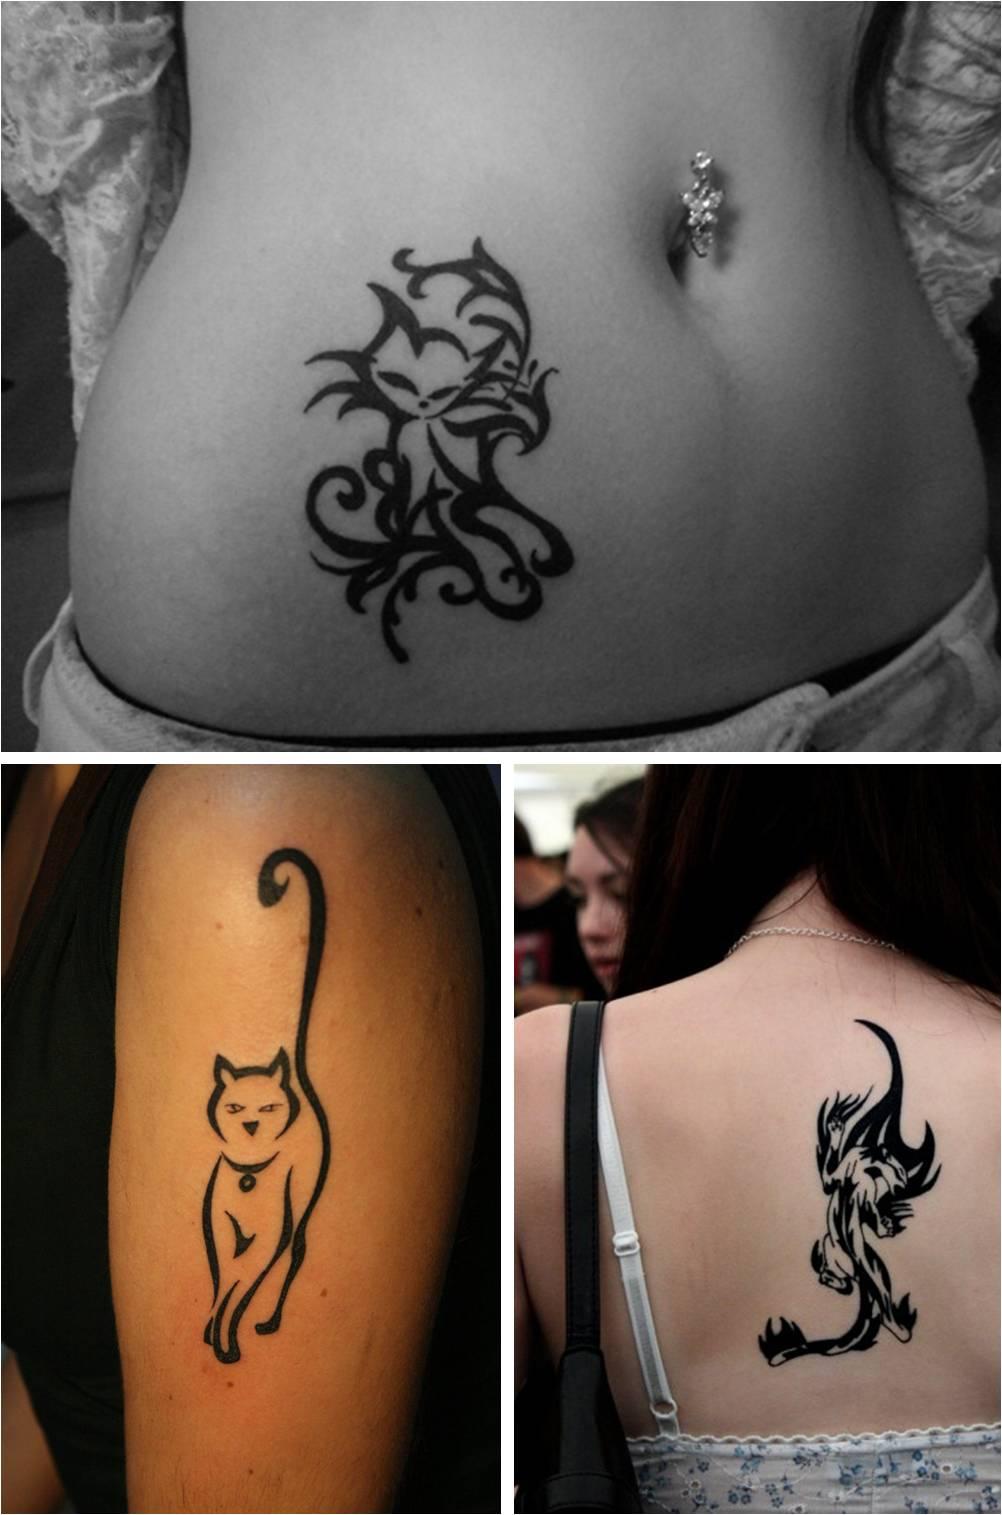 Tribal-Tattoos lizard-tattoo-meaning-tattoo-art-body-tribal-tattoo-art-meaning-70417